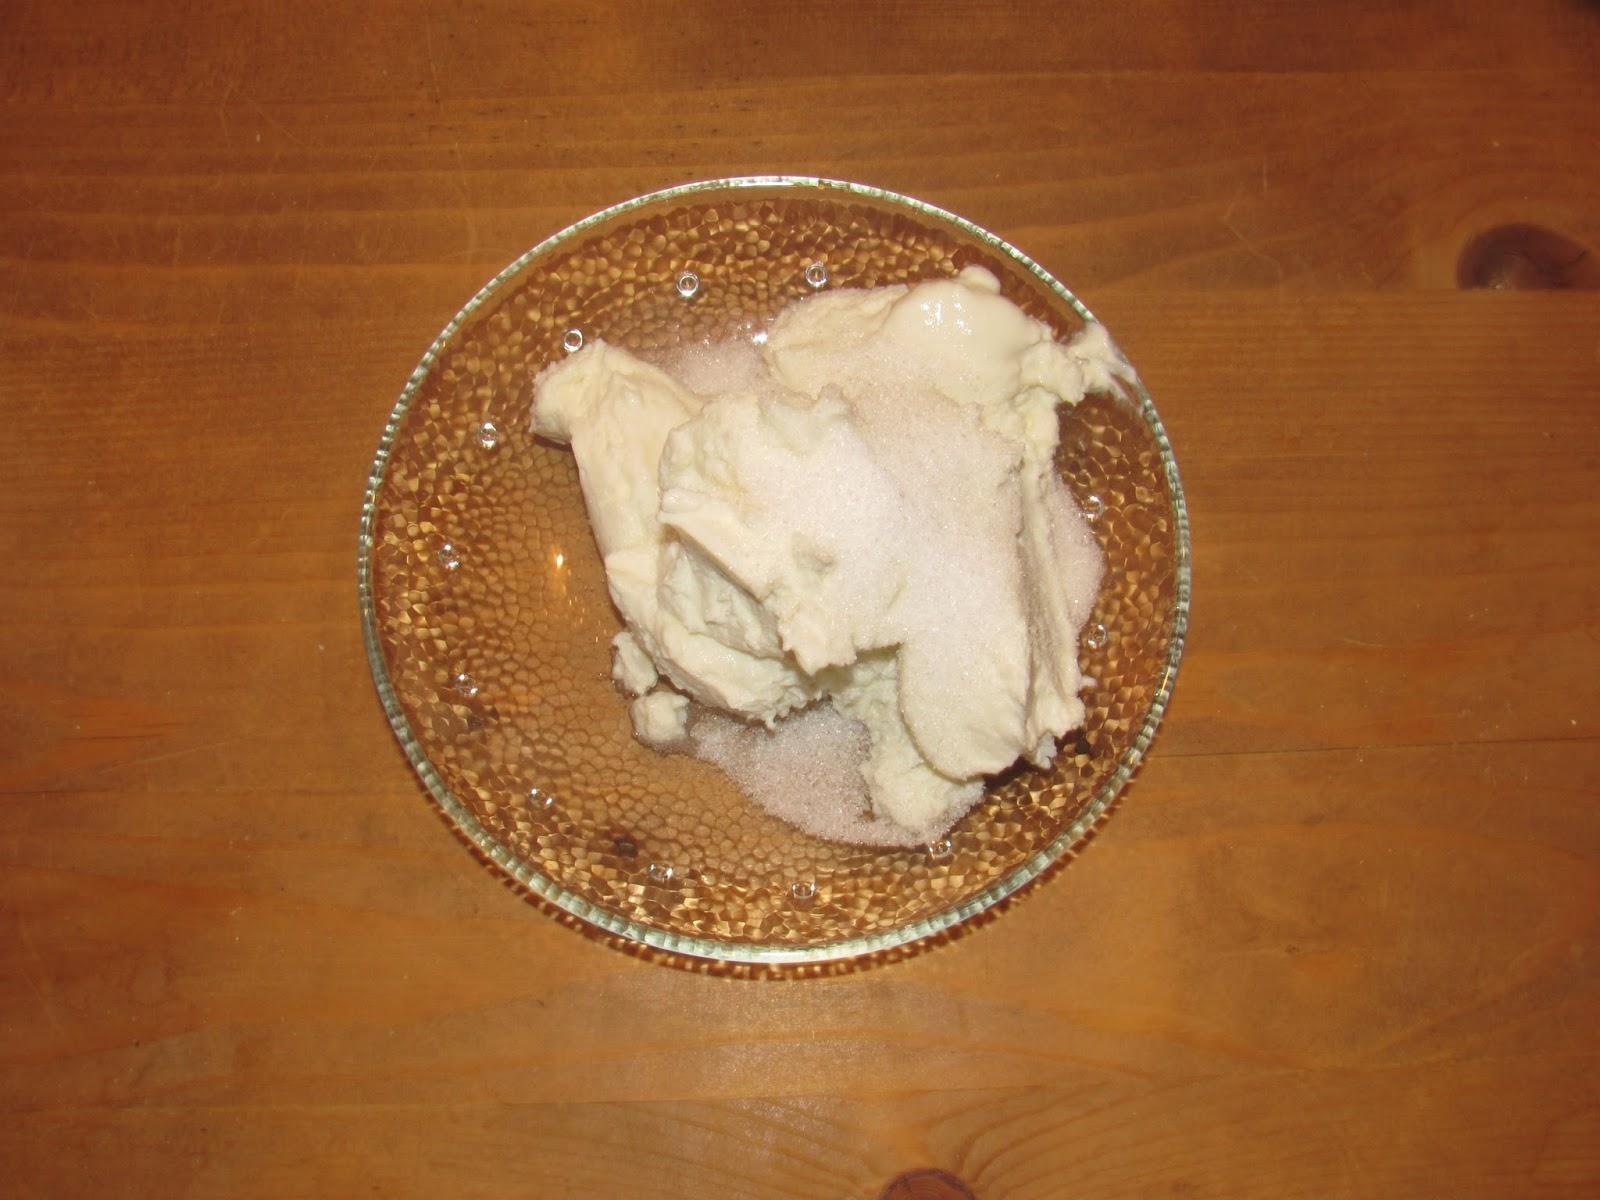 size zero rezepte pfannkuchen ohne proteinpulver abnehmen mit size zero. Black Bedroom Furniture Sets. Home Design Ideas